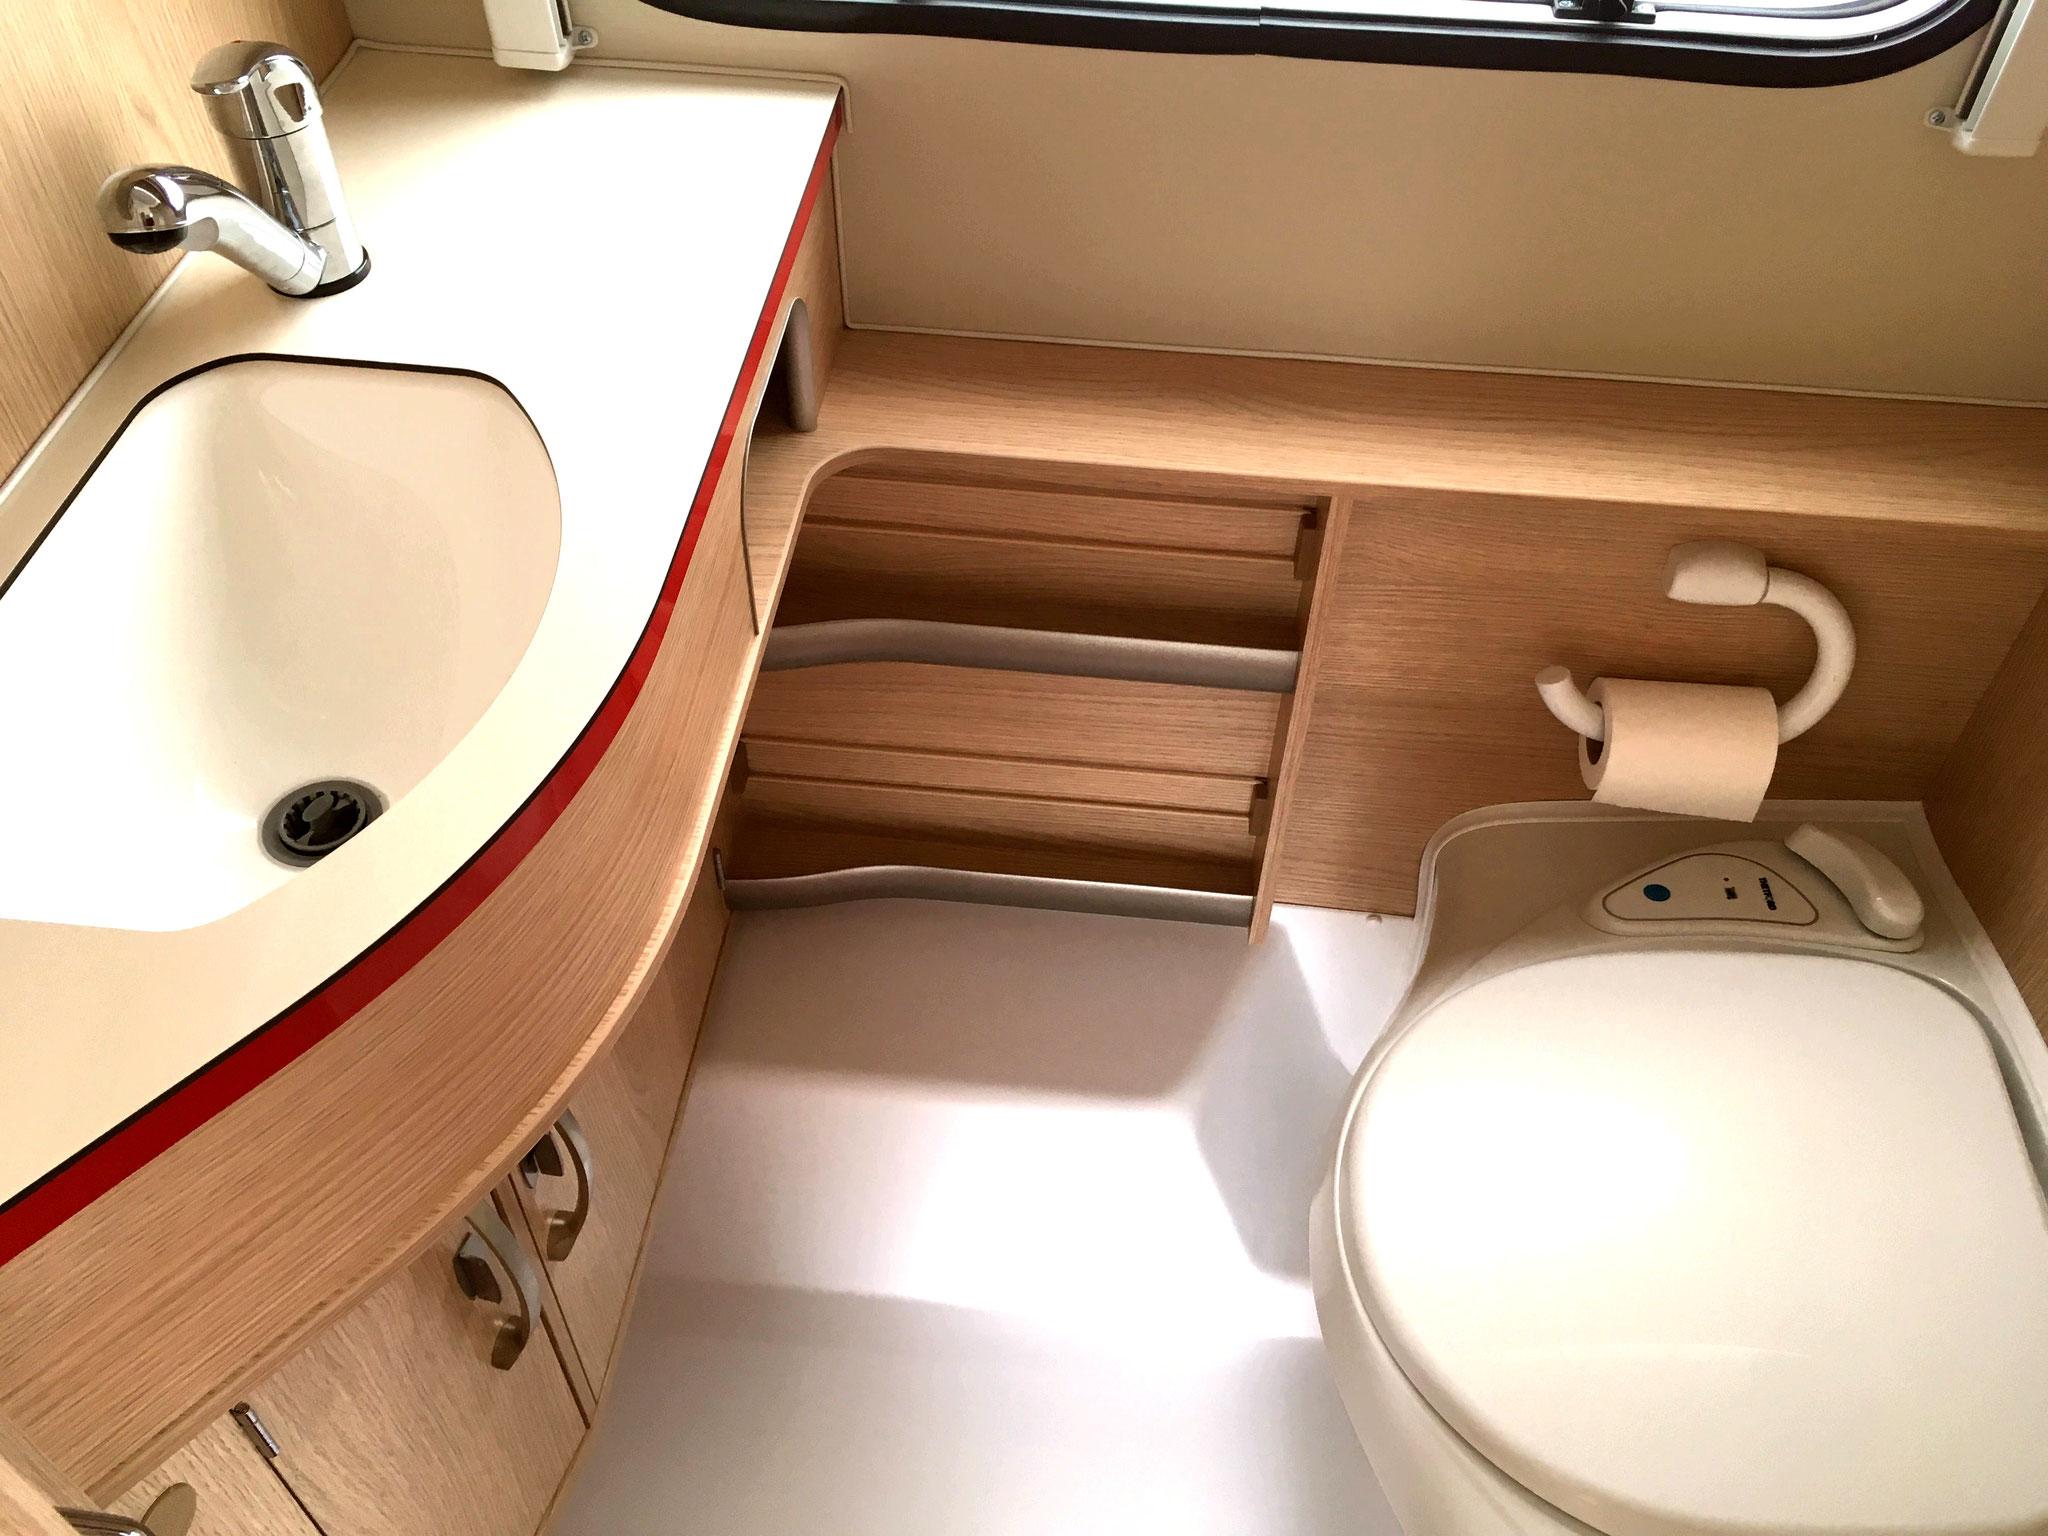 zeitreise in die 50er jahre der eriba troll 530. Black Bedroom Furniture Sets. Home Design Ideas